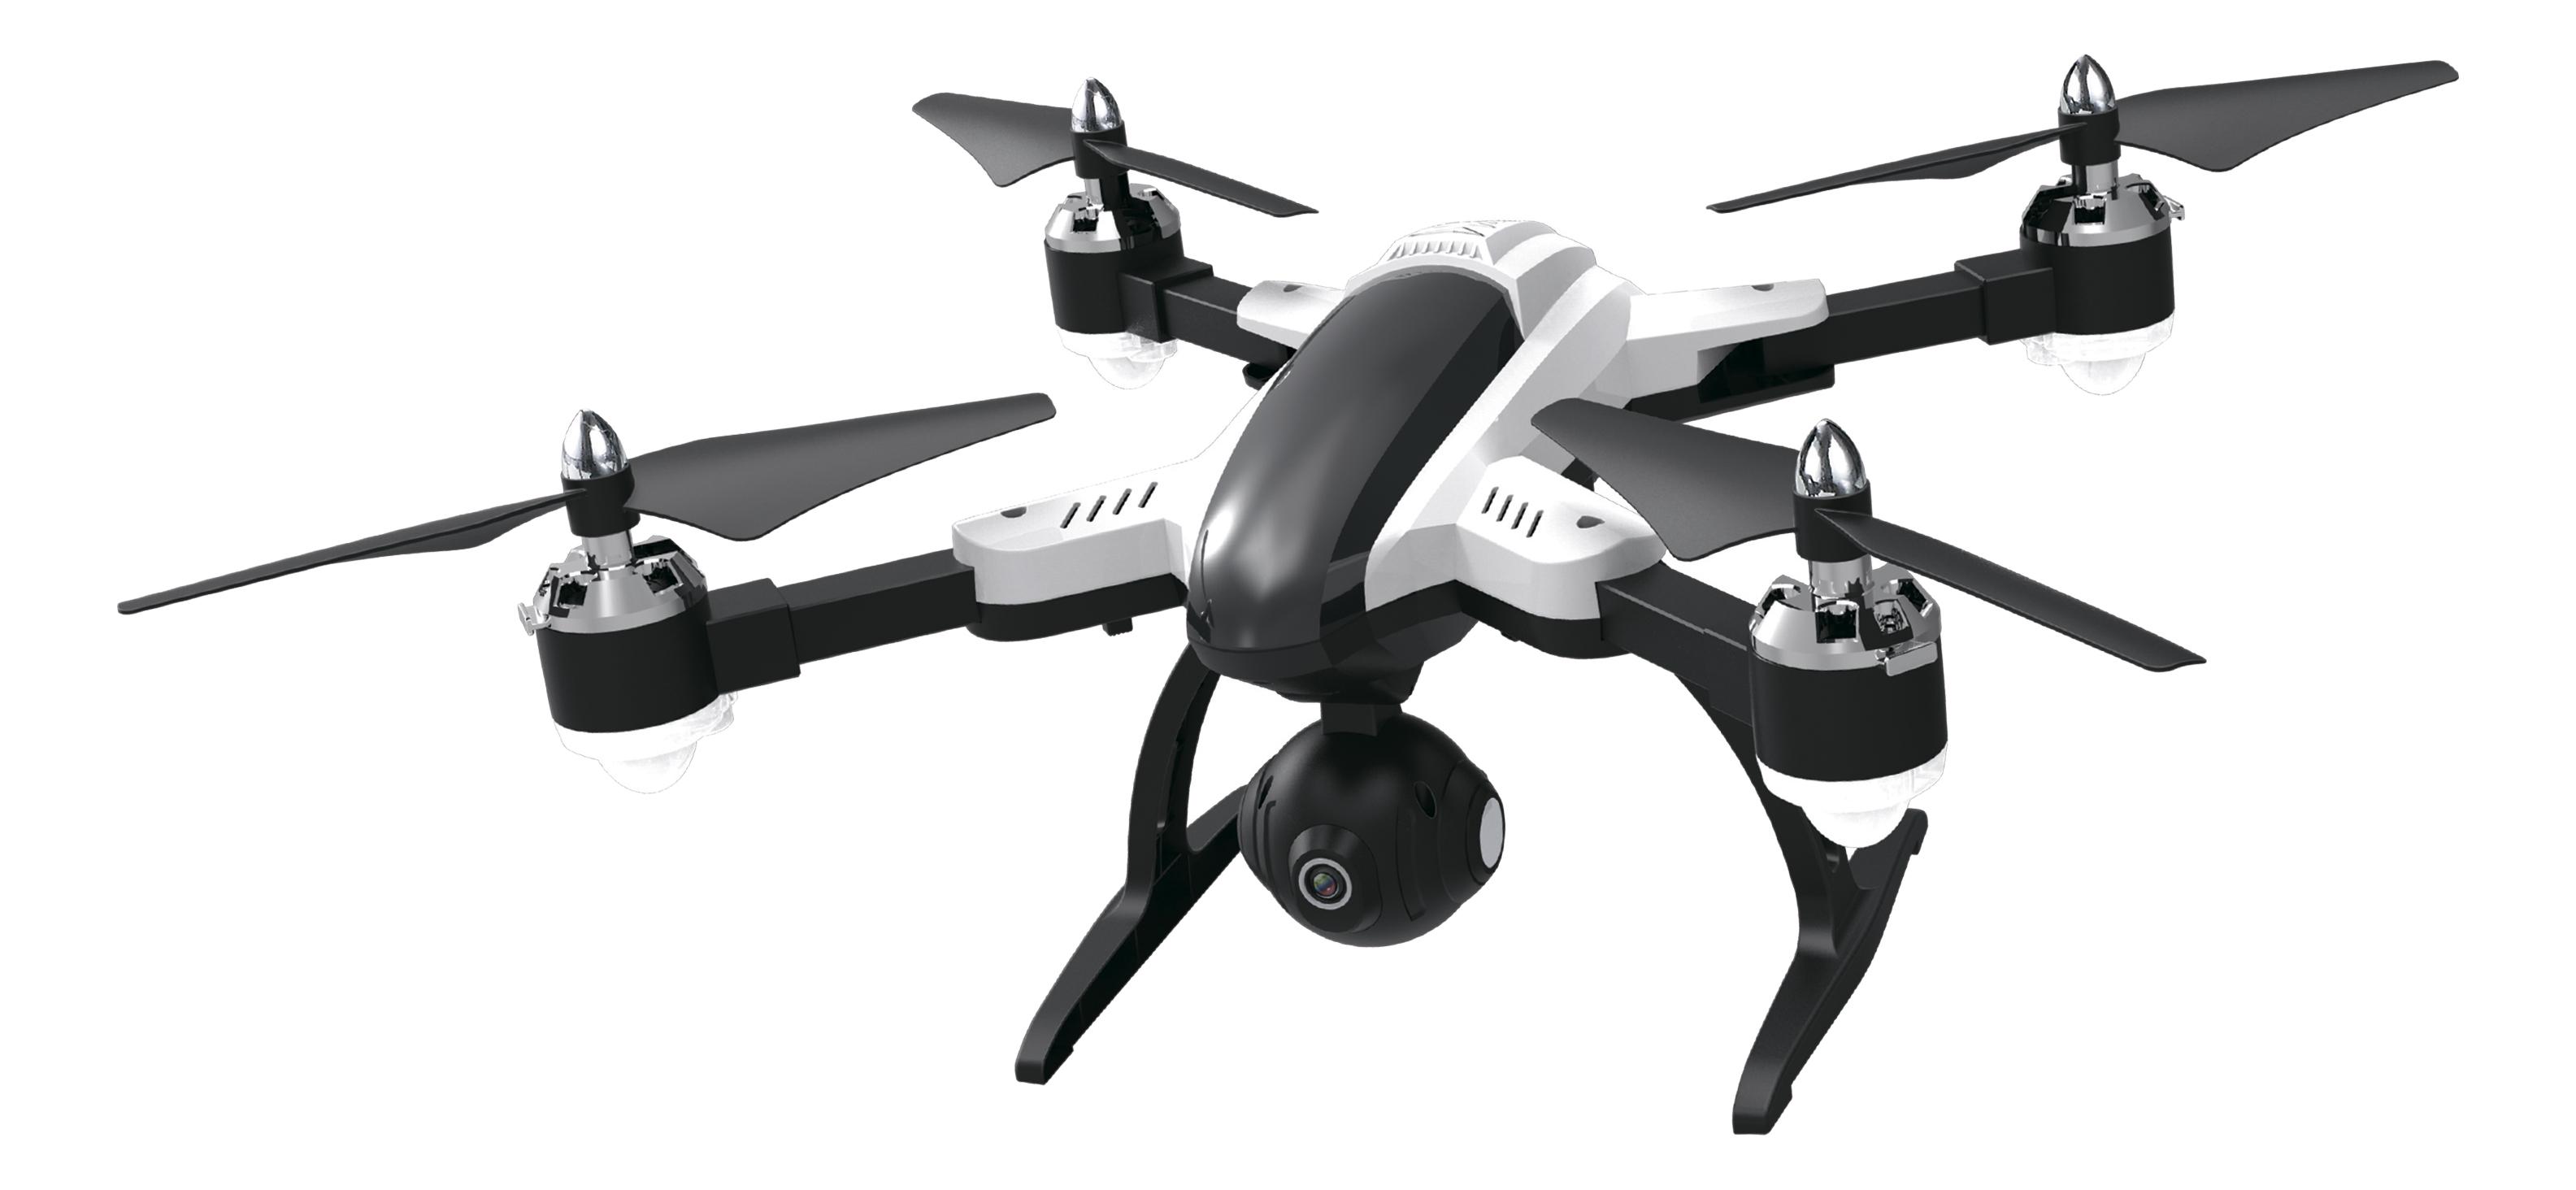 Радиоуправляемый квадрокоптер 1TOY Gyro-Wi-Fire, 1 TOY, Квадрокоптеры для детей  - купить со скидкой